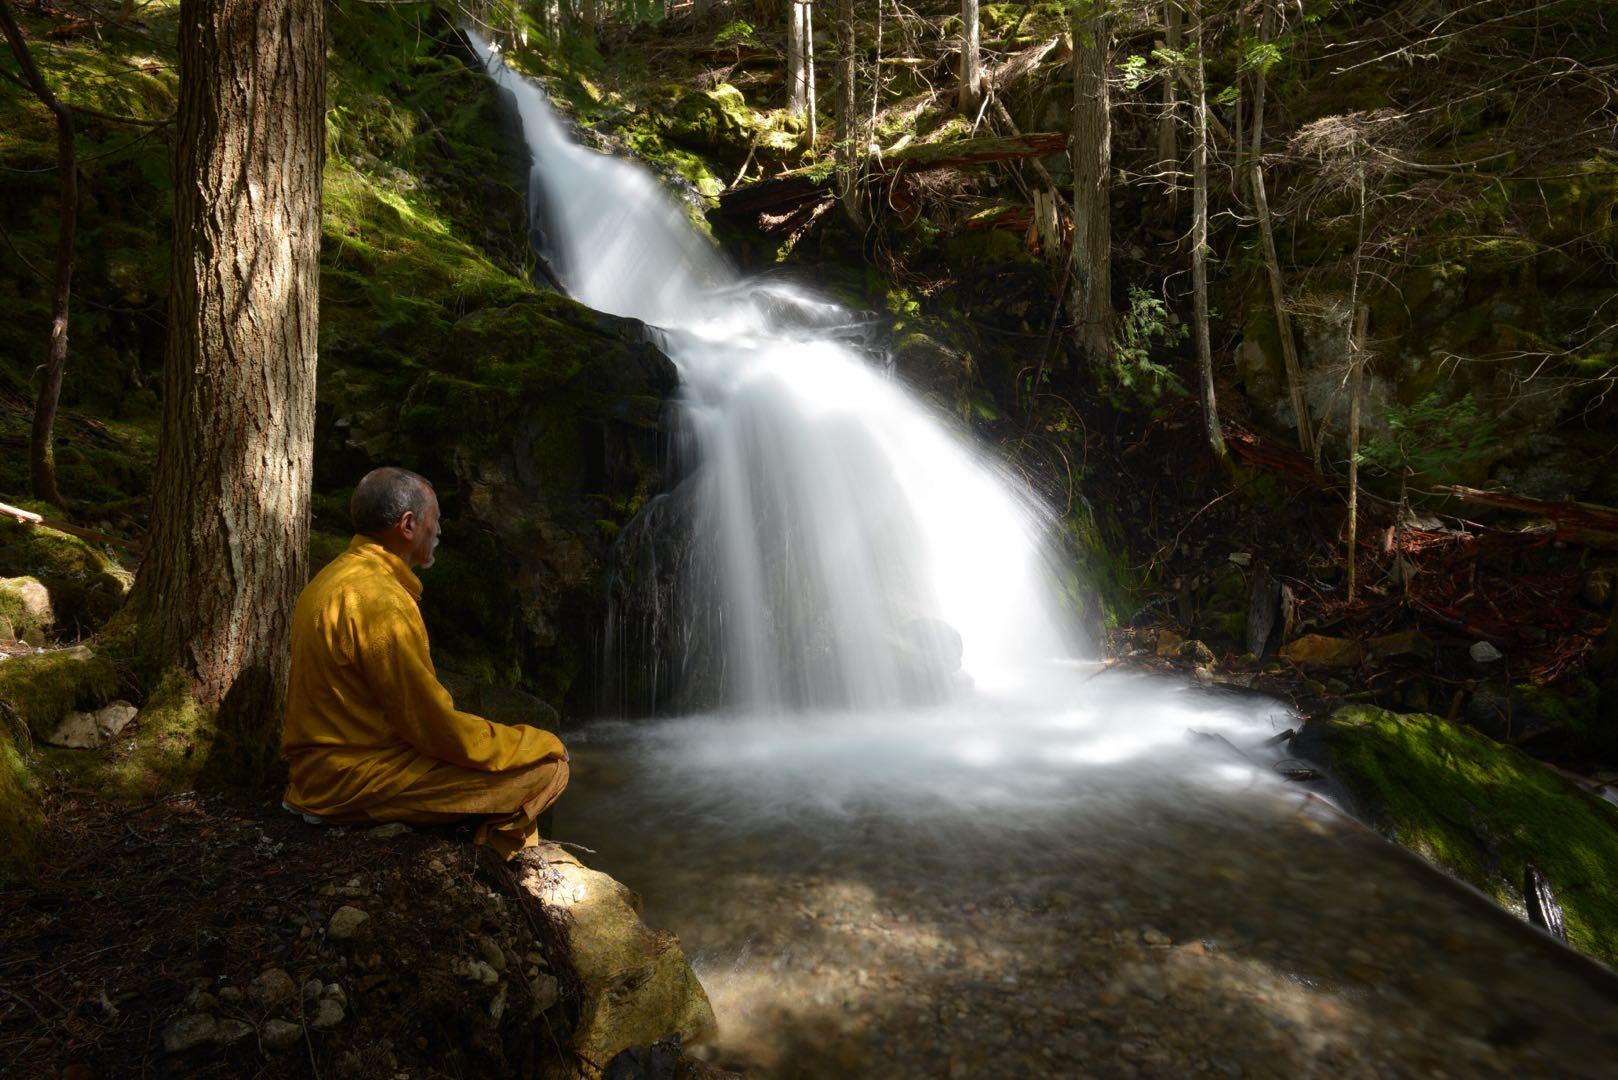 Rinpoche by a beautiful waterfall IMG 4786